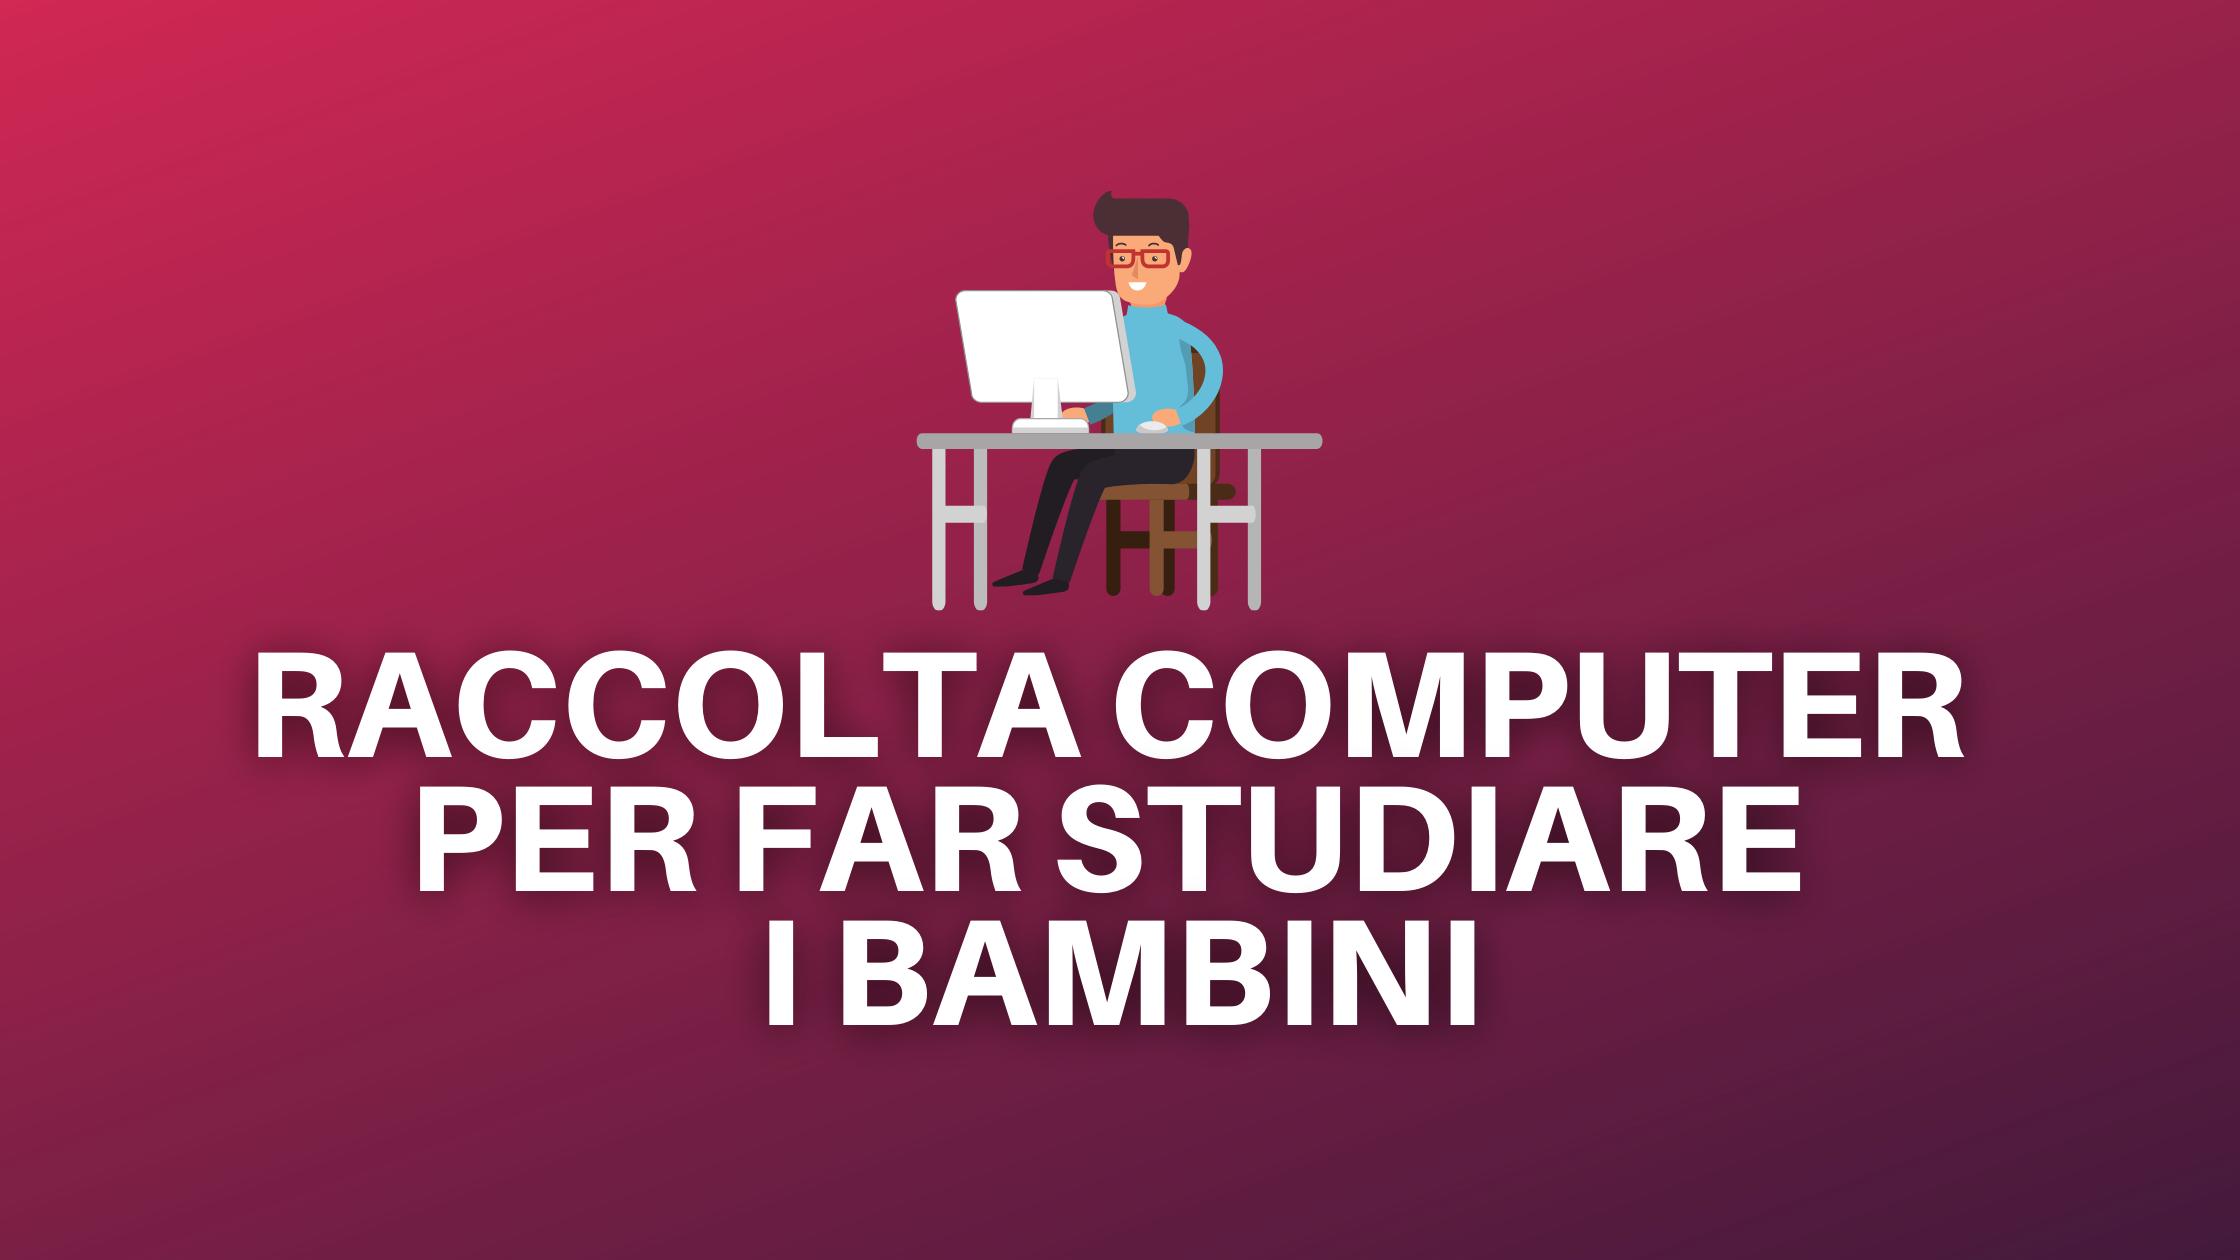 RACCOLTA COMPUTER PER FAR STUDIARE I BAMBINI